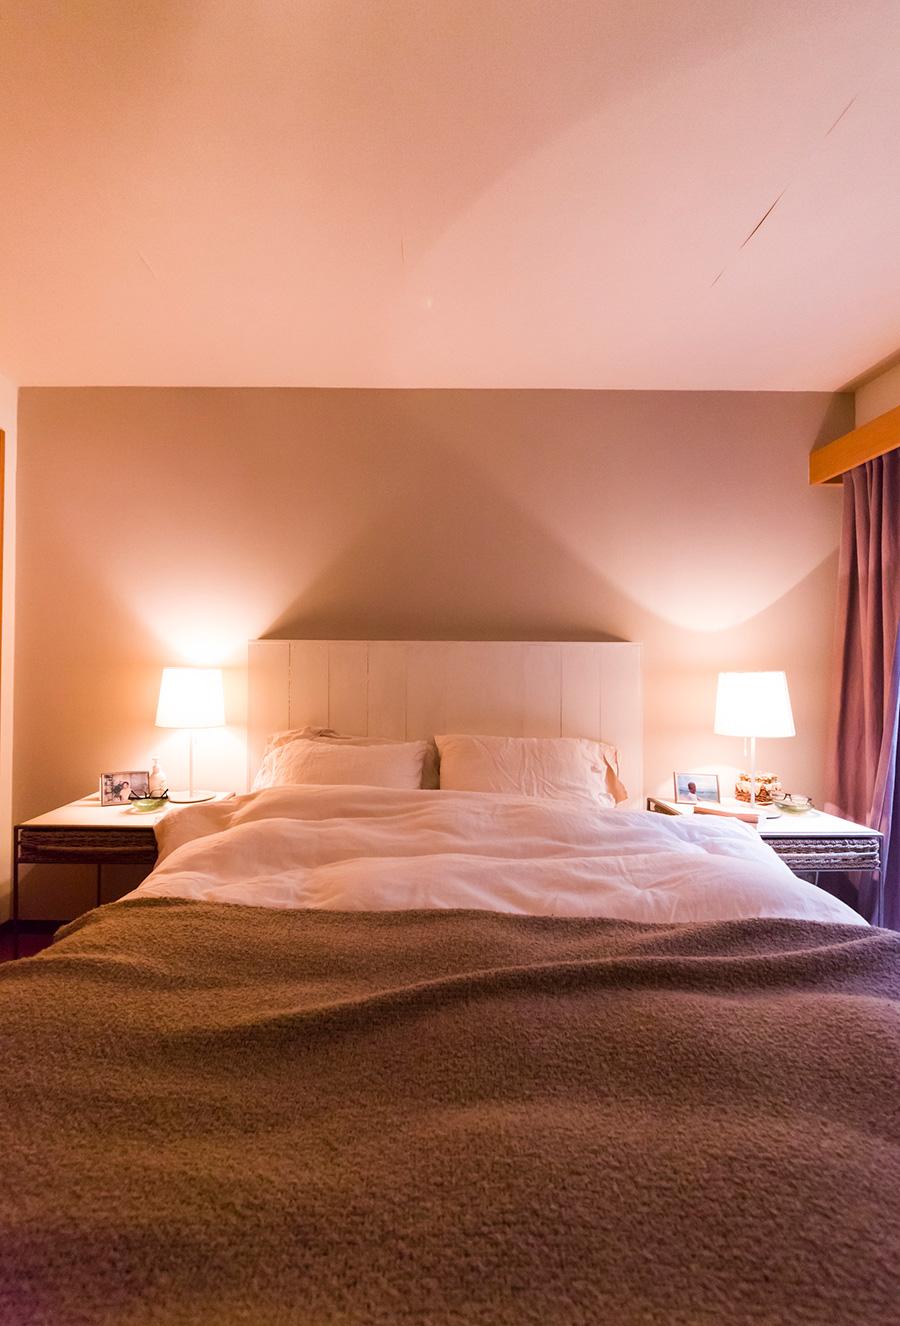 ナチュラルなグレートーンのベッドルーム。リネンのシーツはベルギーの「リベコ」を愛用。グレーのブランケットをかけて完成。